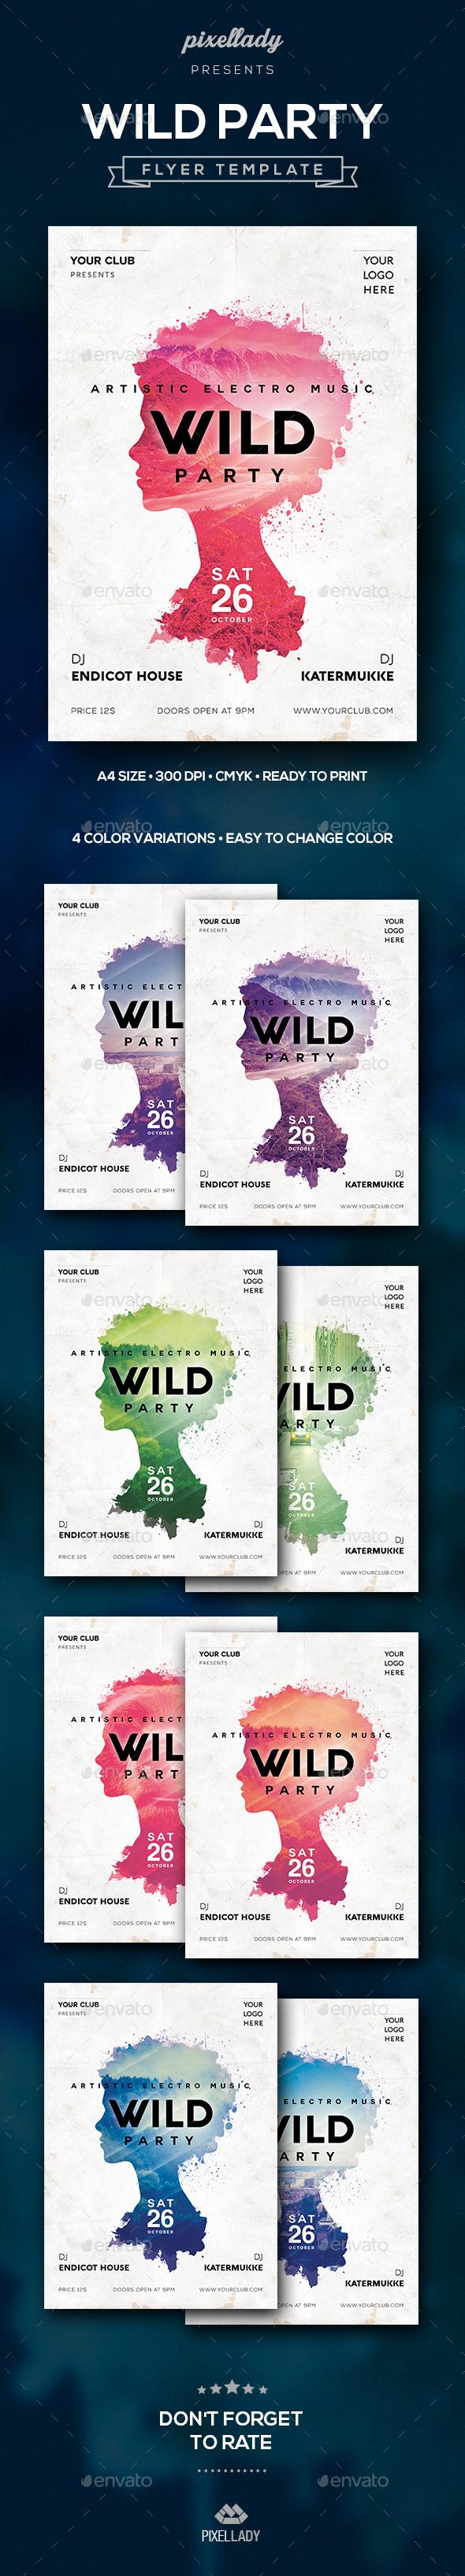 Wild Party Flyer - Flyers Print Templates